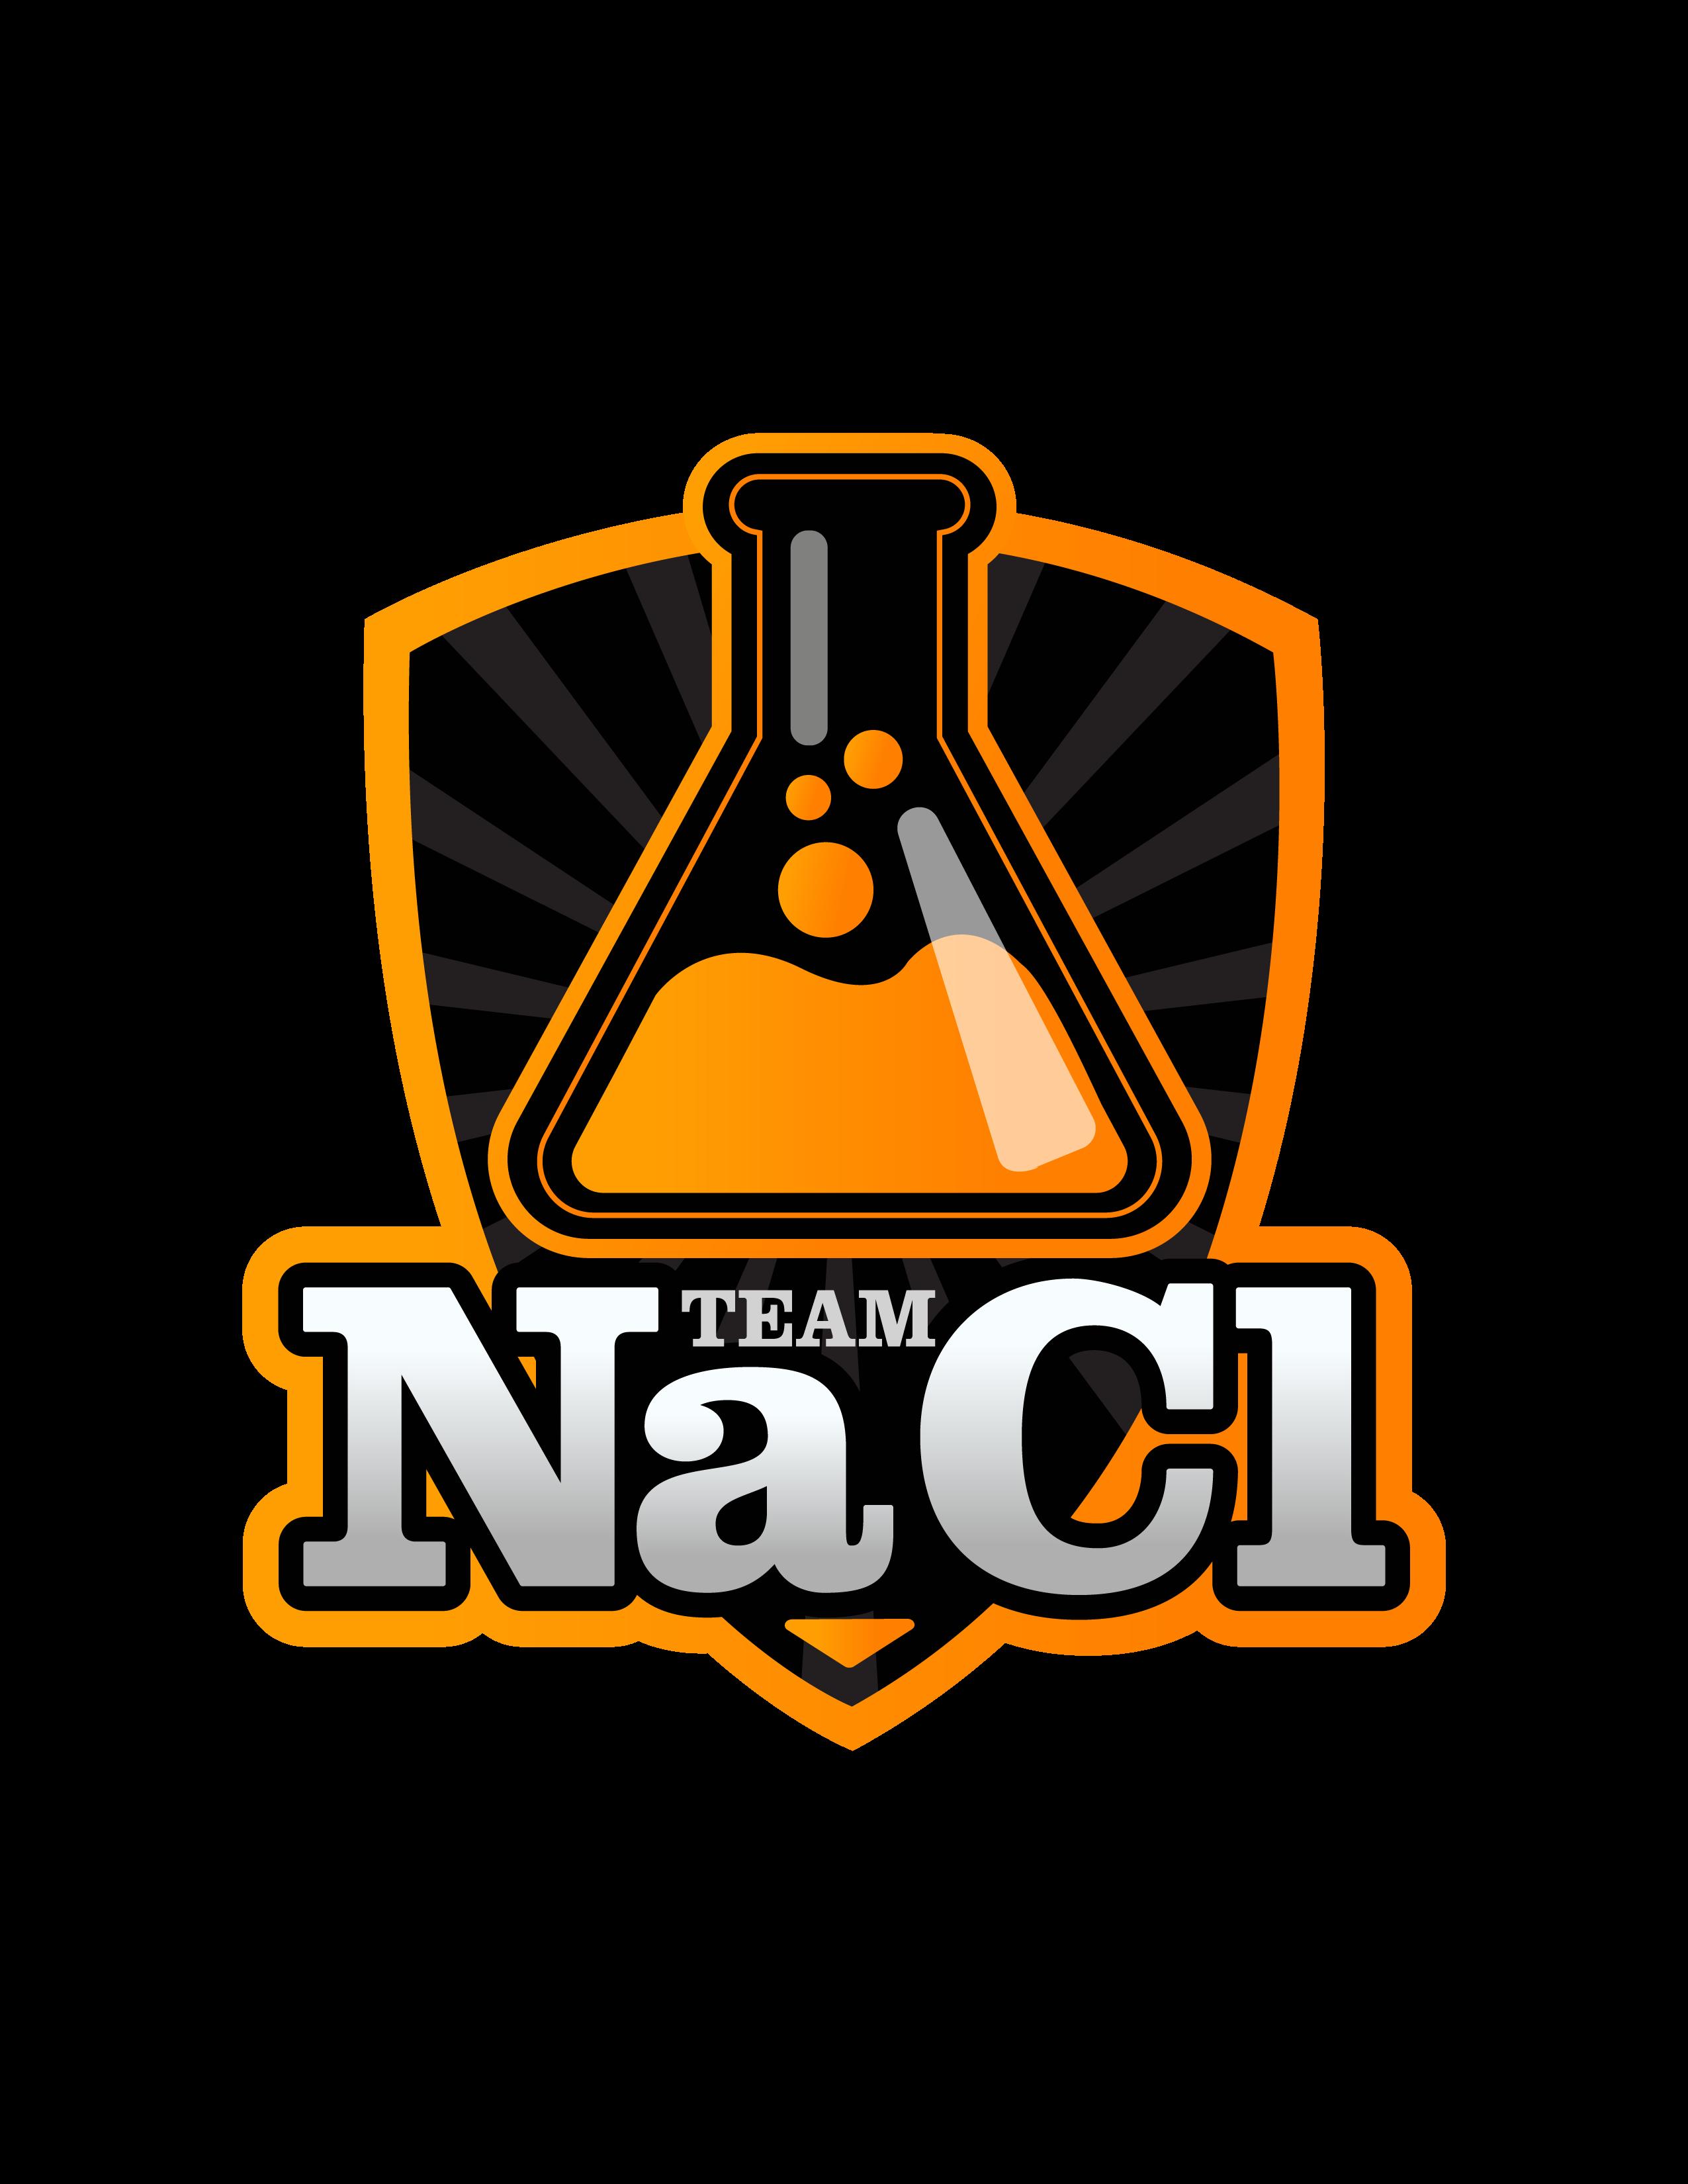 Team_NaCl